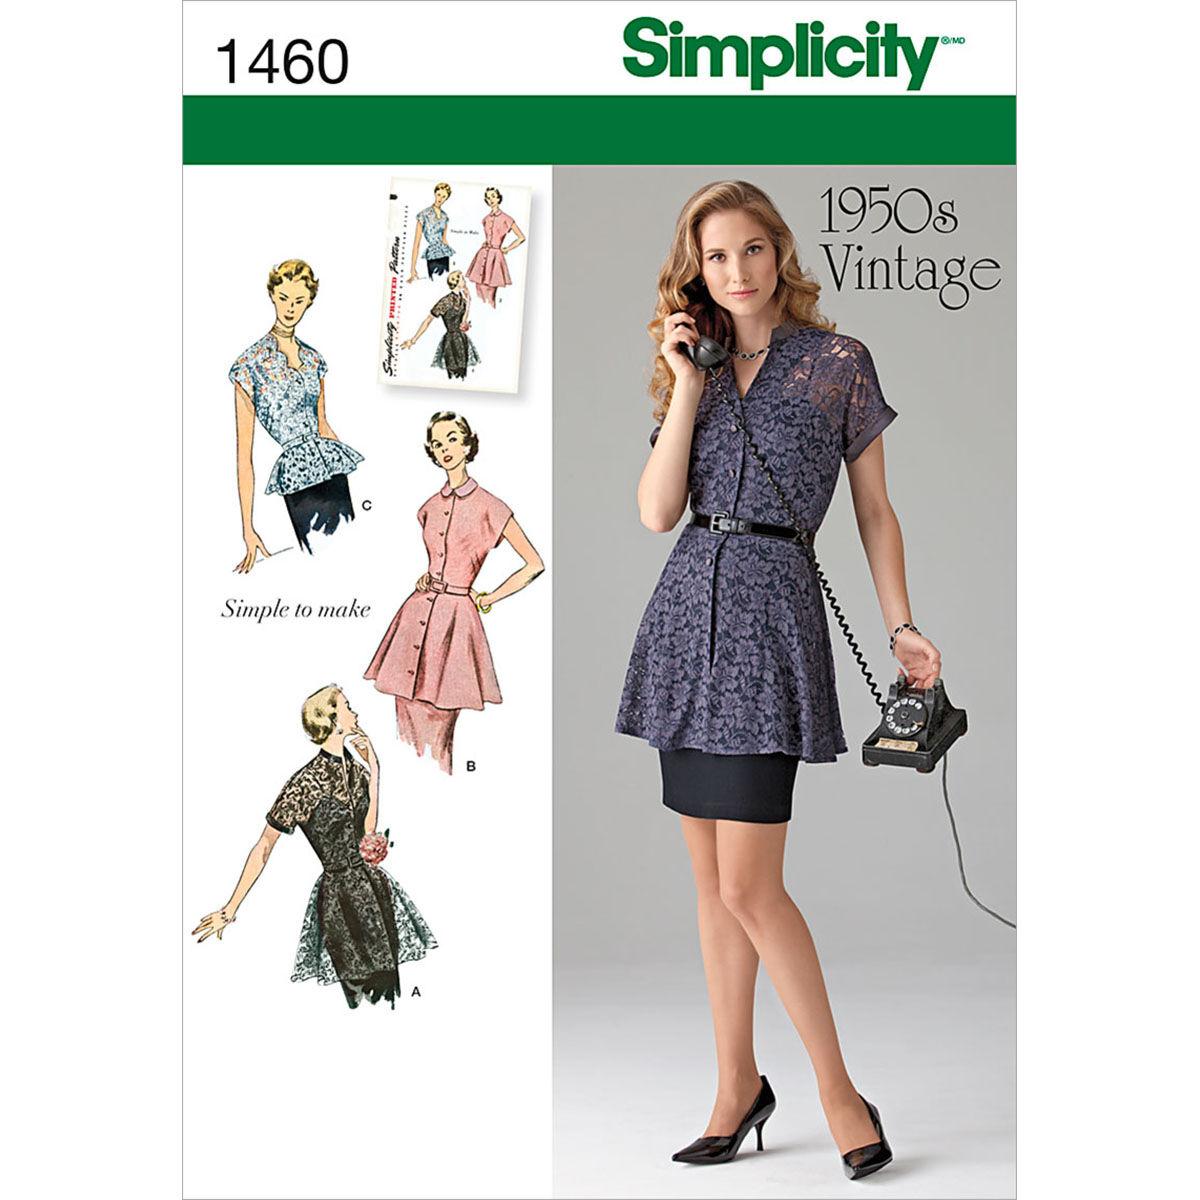 1950s Sewing Patterns | Dresses, Skirts, Tops, Mens Simplicity Pattern 1460H5 6 - 8 - 10 - 12 - - Misses Tops Vests $17.95 AT vintagedancer.com